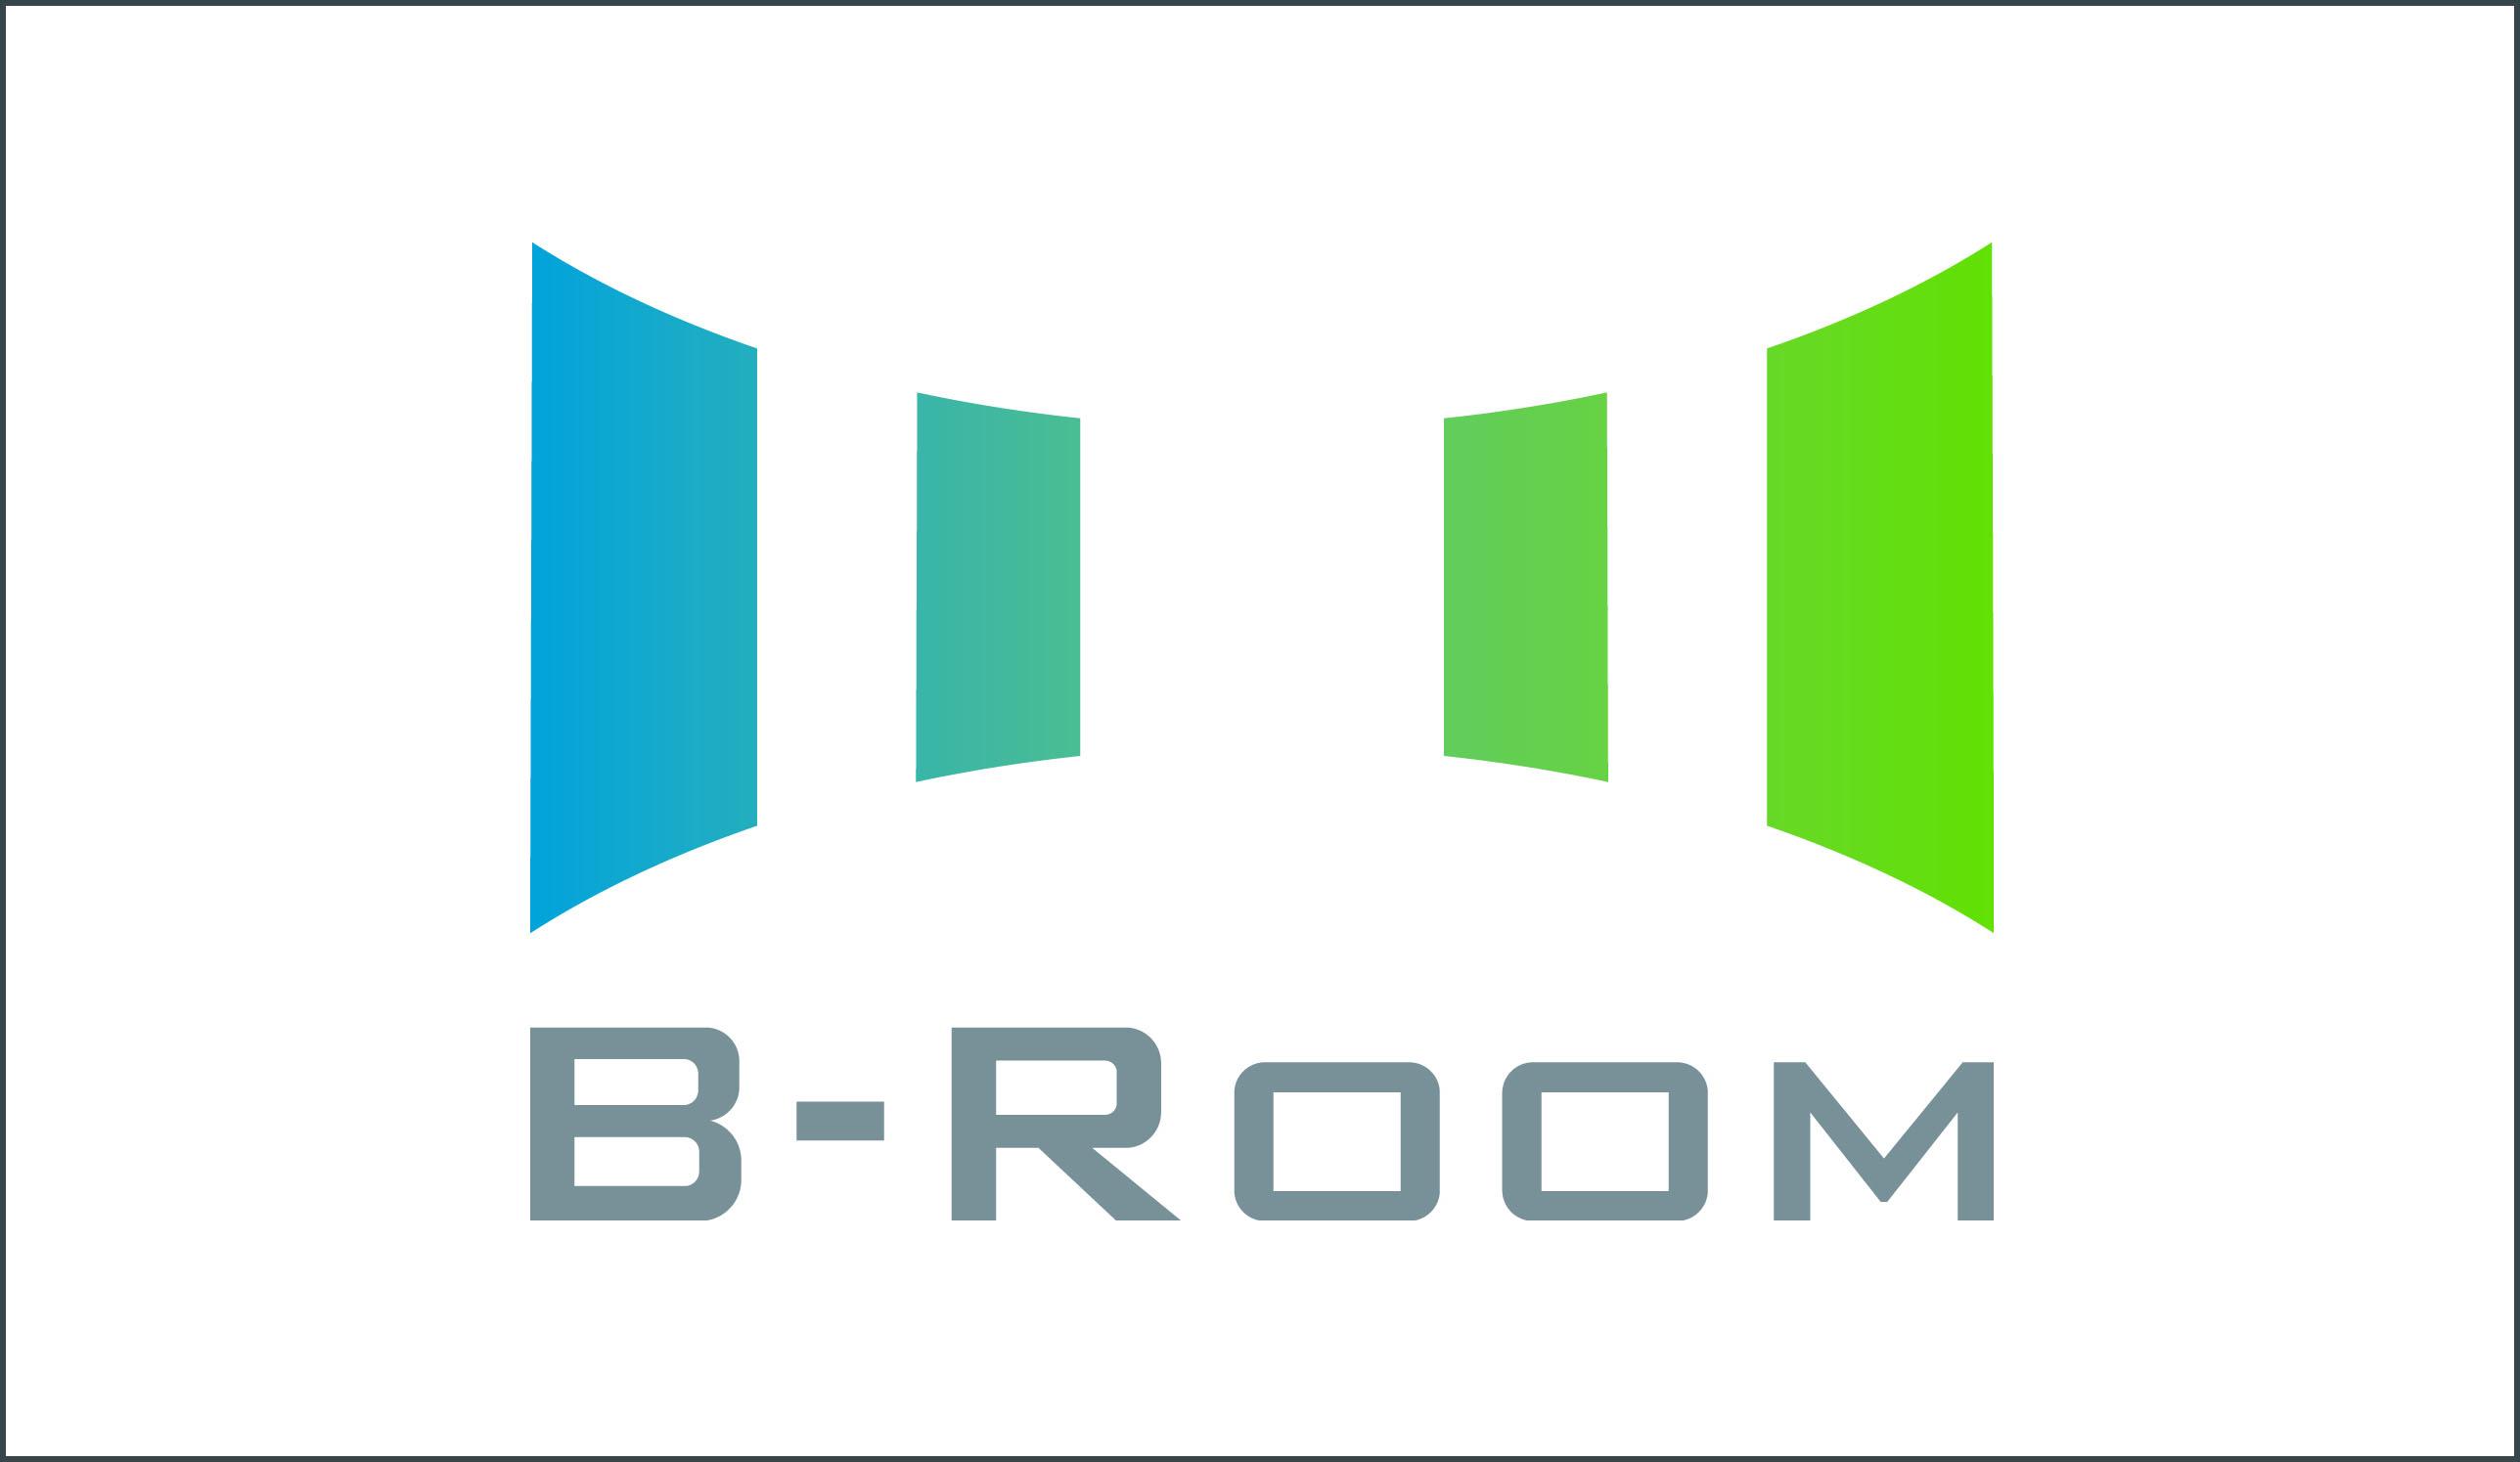 B-Room オンライン商談システムの紹介はコチラ